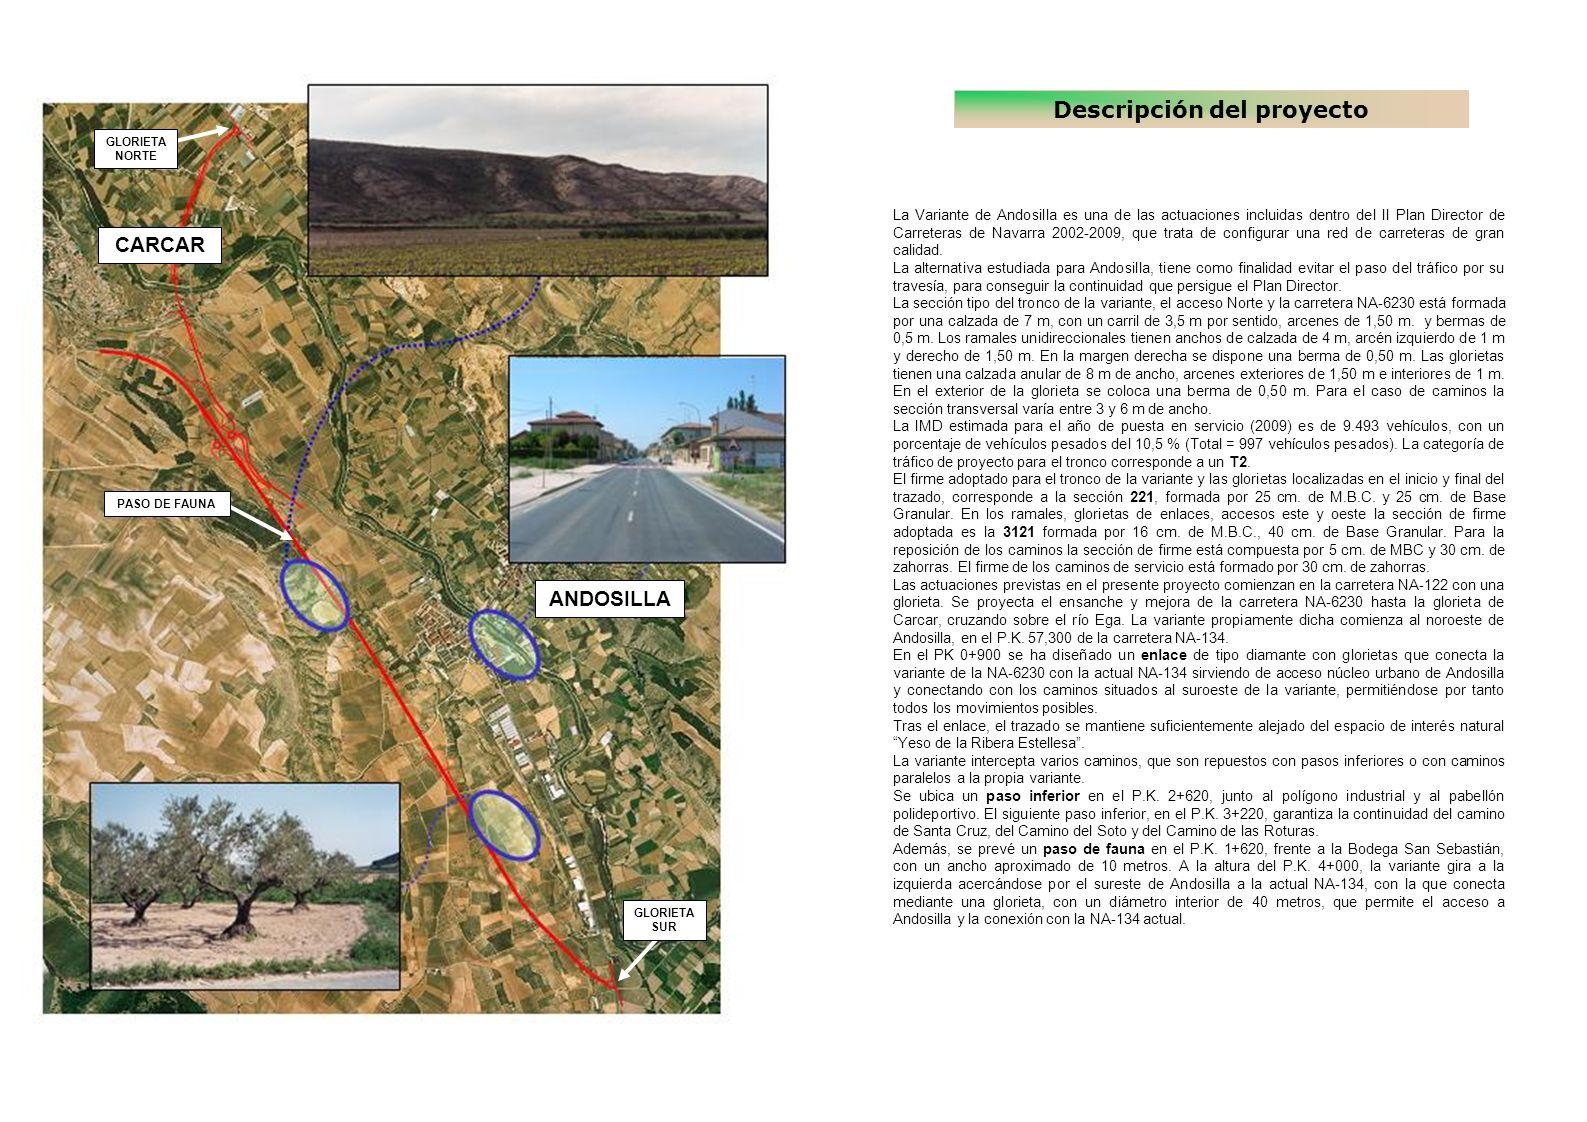 Descripción del proyecto La Variante de Andosilla es una de las actuaciones incluidas dentro del II Plan Director de Carreteras de Navarra 2002-2009,